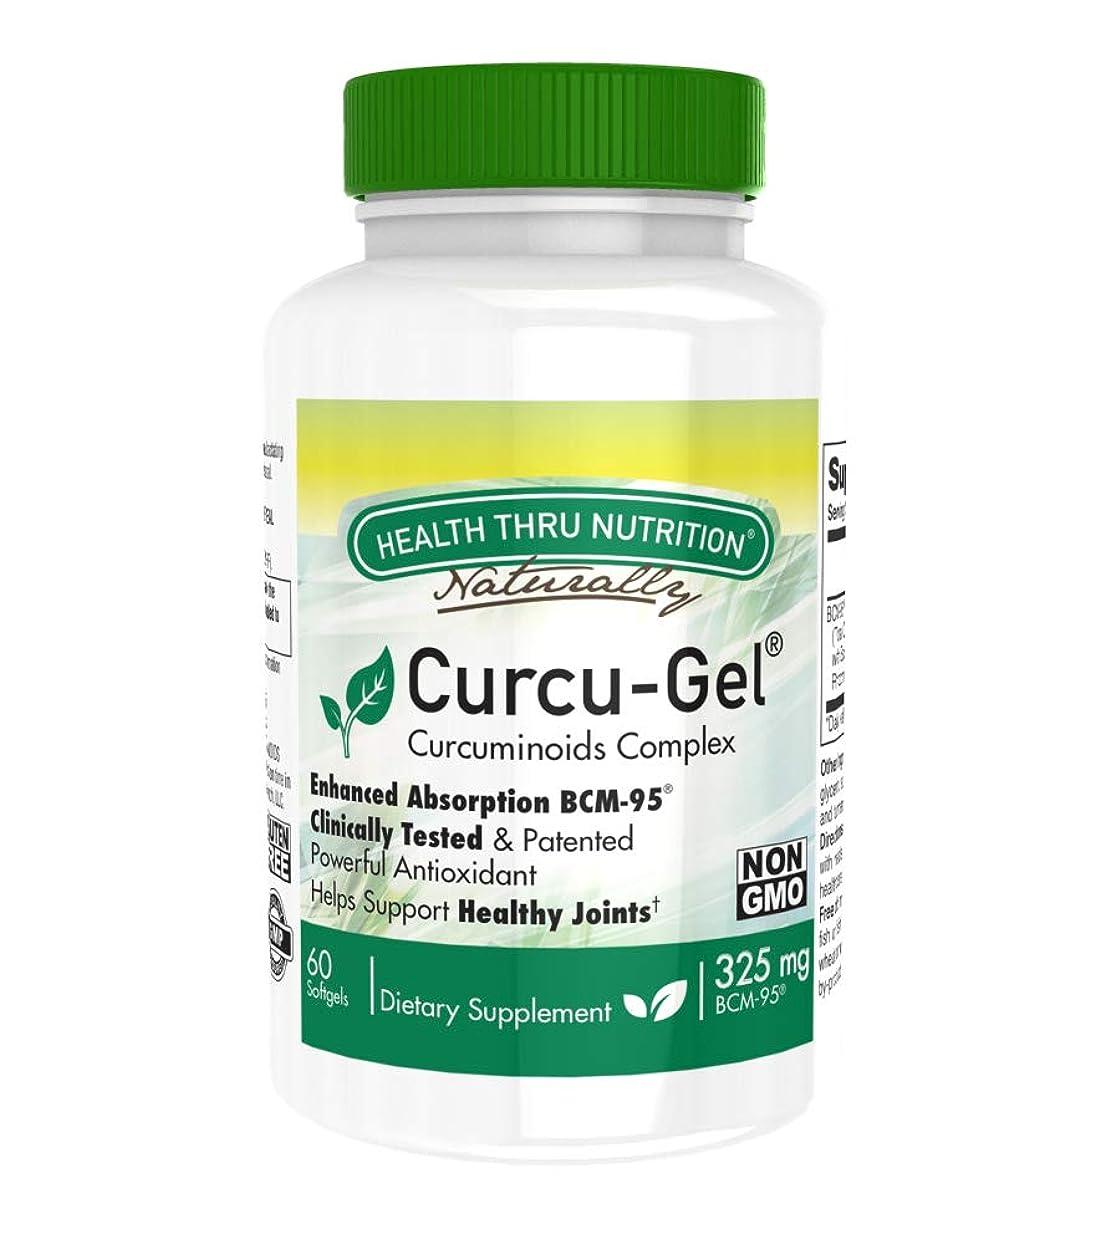 促進する傾向隣接するHealth Thru Nutrition Curcu-ゲル325Mg Bcm-95高吸収性バイオ -クルクミン 複合体 - 大豆なし - Gmoなし (ウコン精油のエッセンシャルオイルを含む総クルクミノイド250Mg)60ソフトジェル